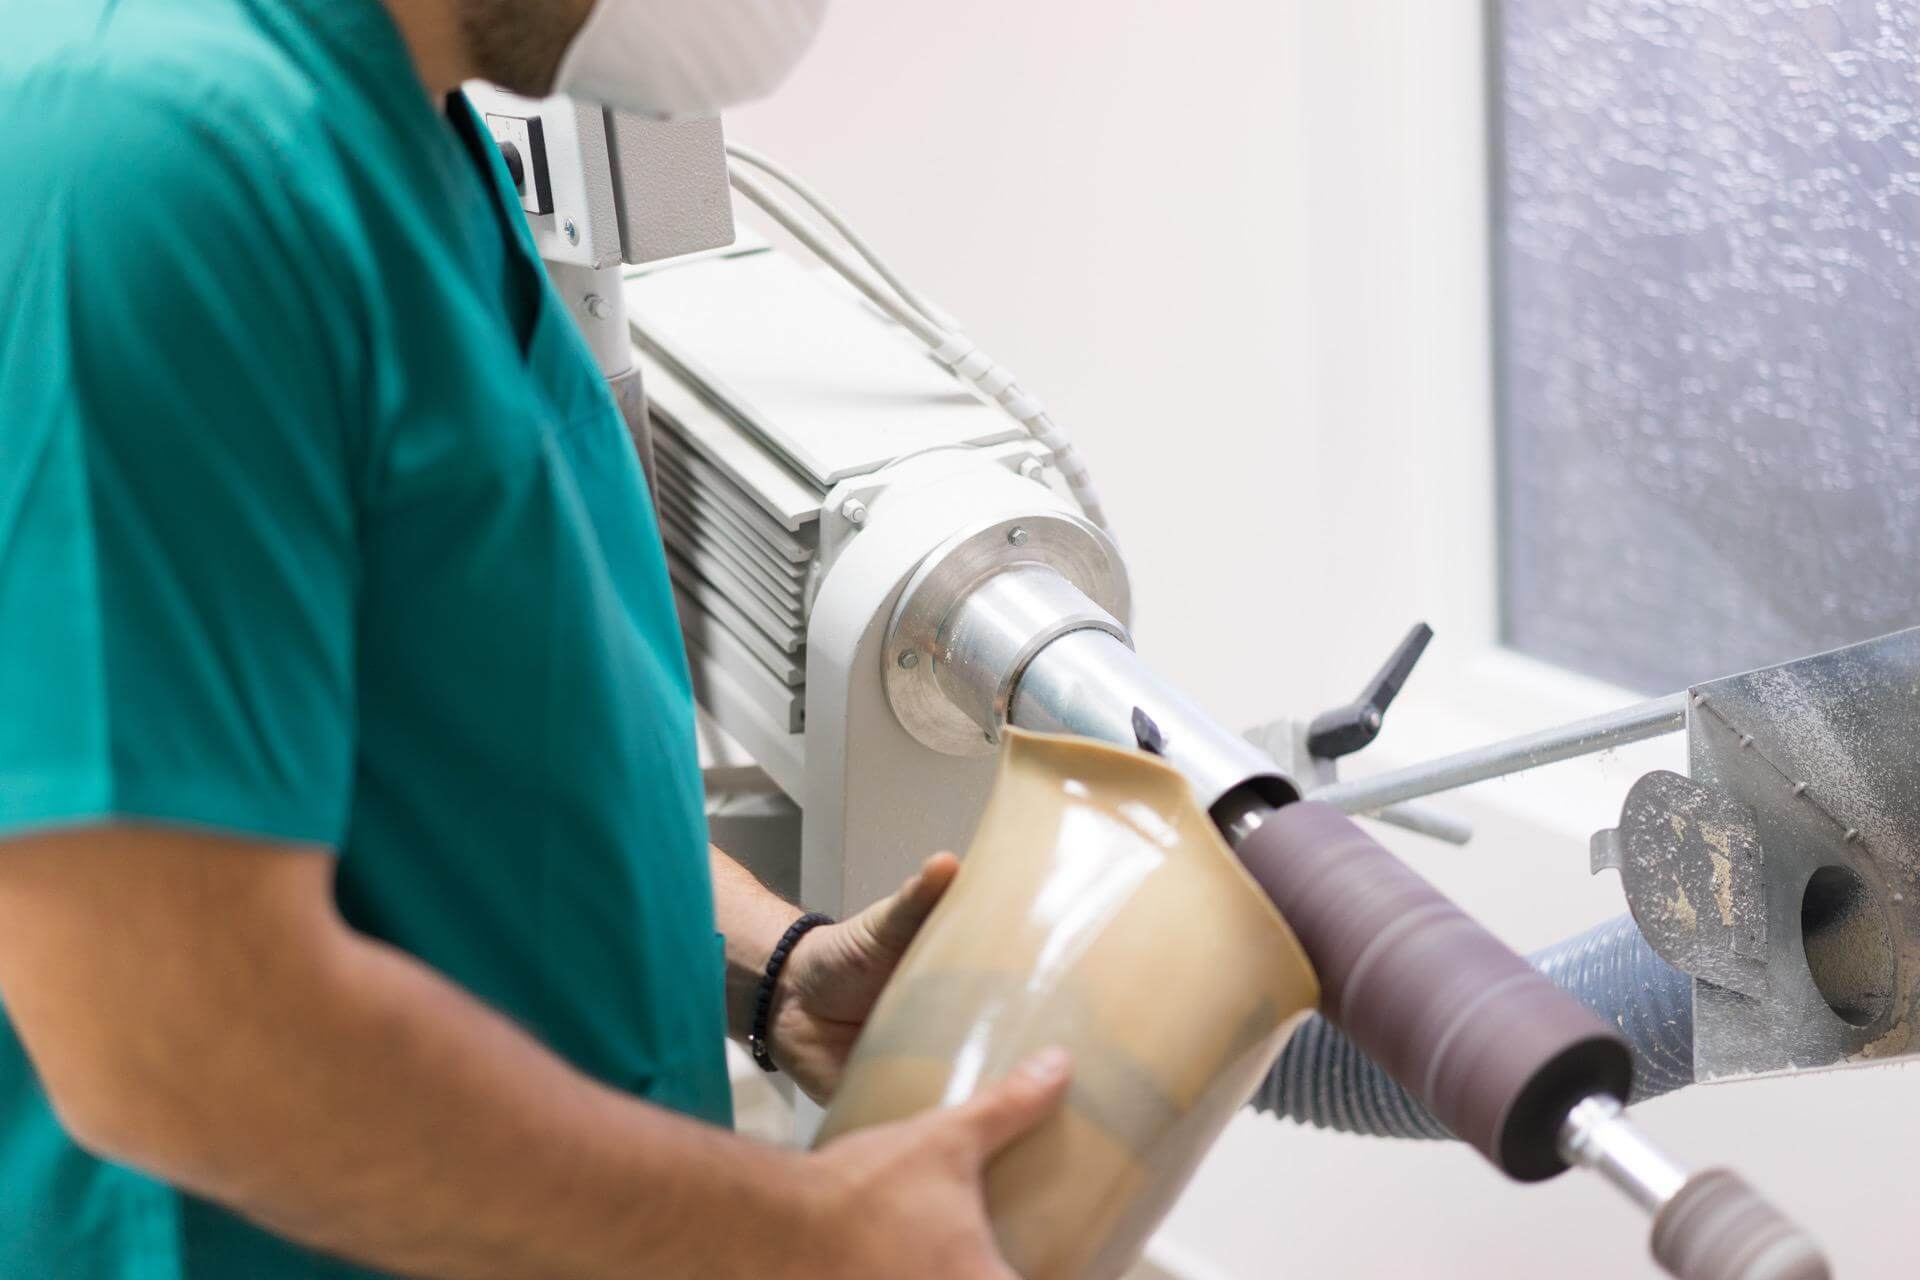 изработване на протеза за крак